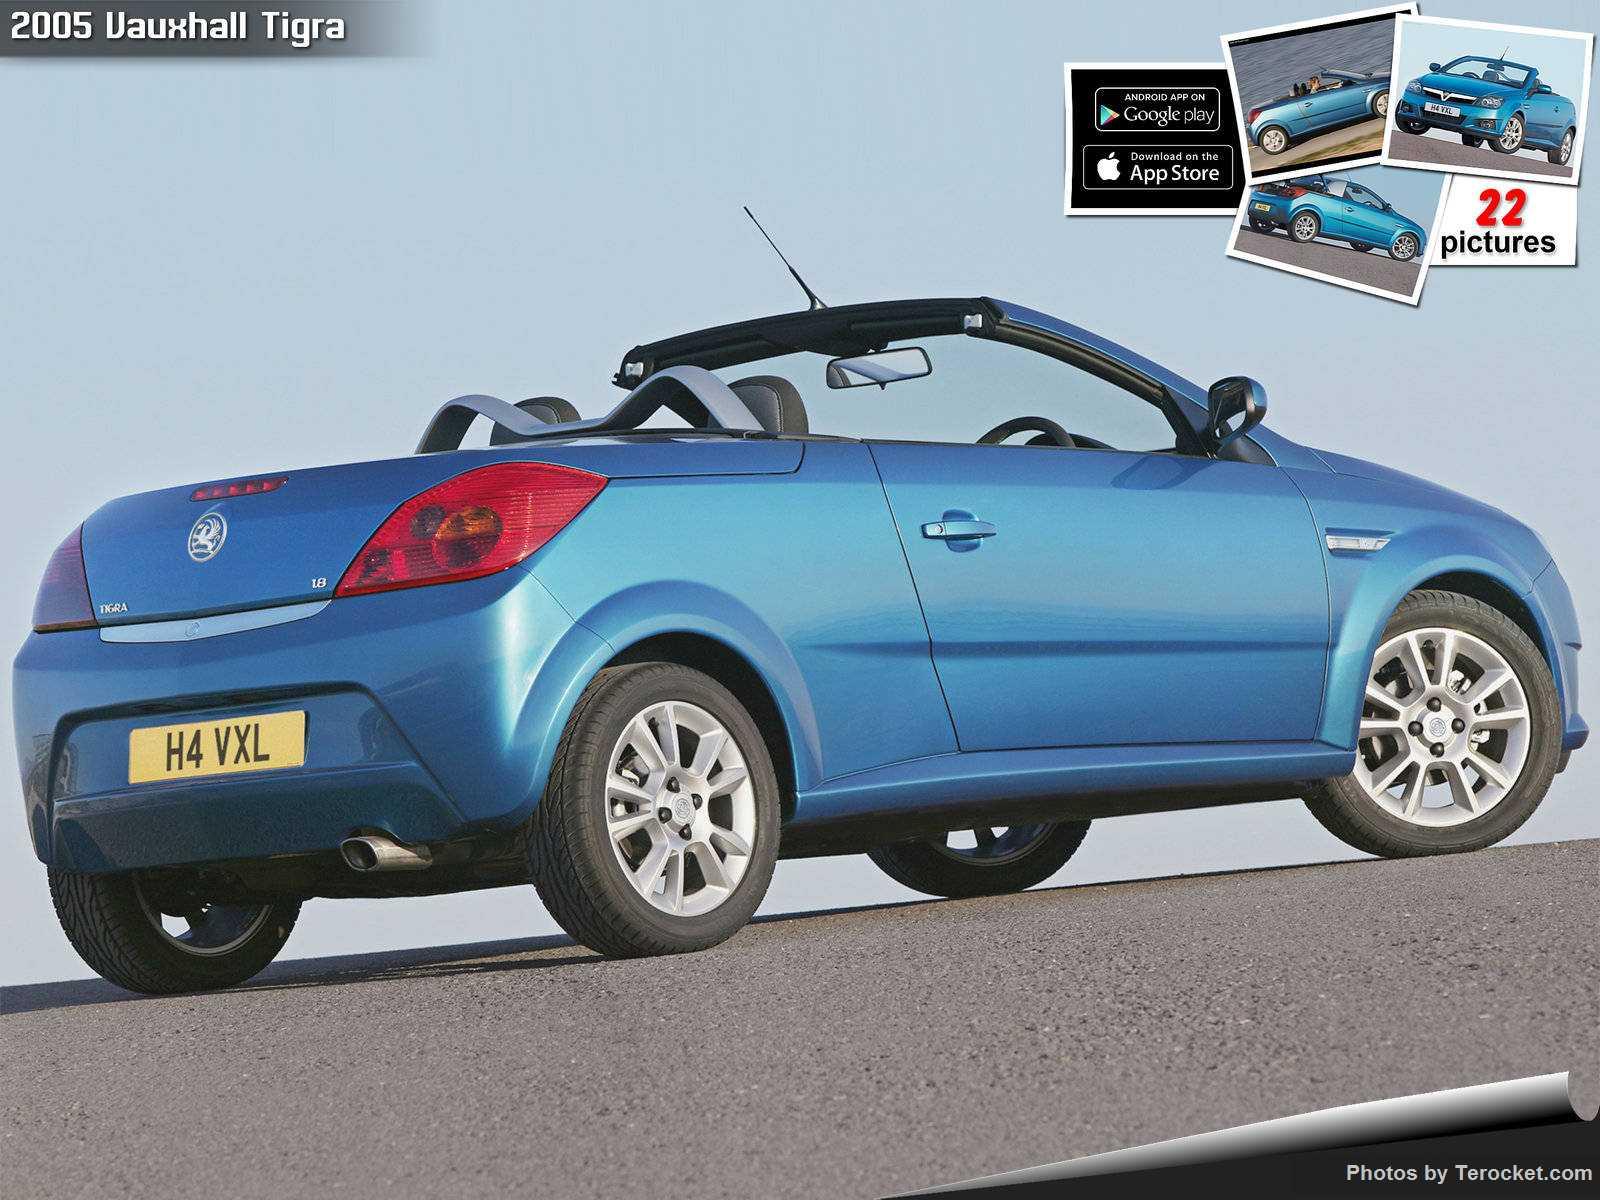 Hình ảnh xe ô tô Vauxhall Tigra 2005 & nội ngoại thất